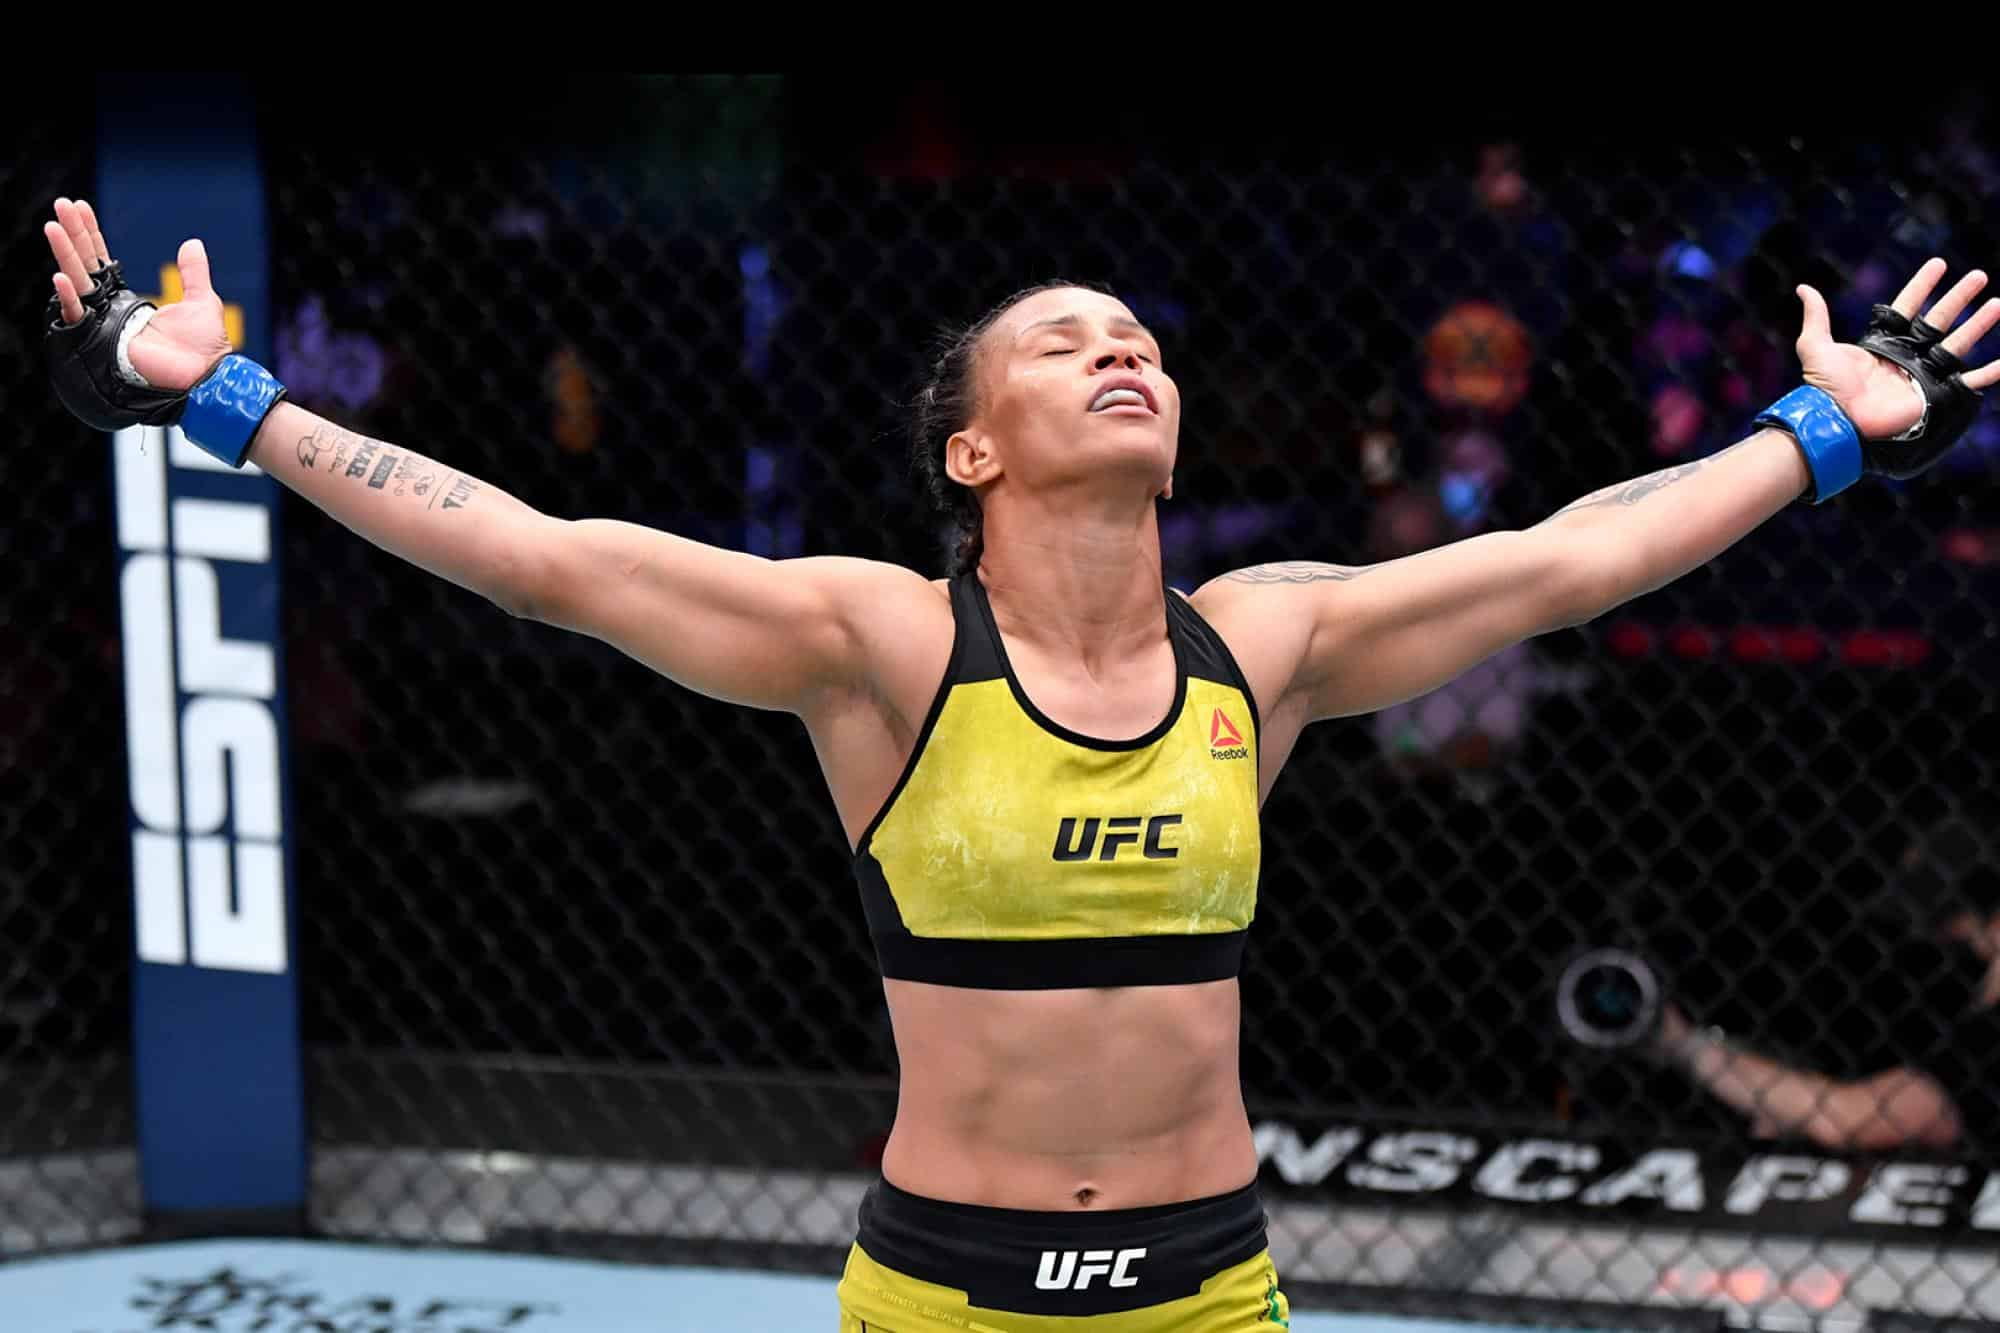 Amanda Lemos, quem é? História da lutadora de MMA